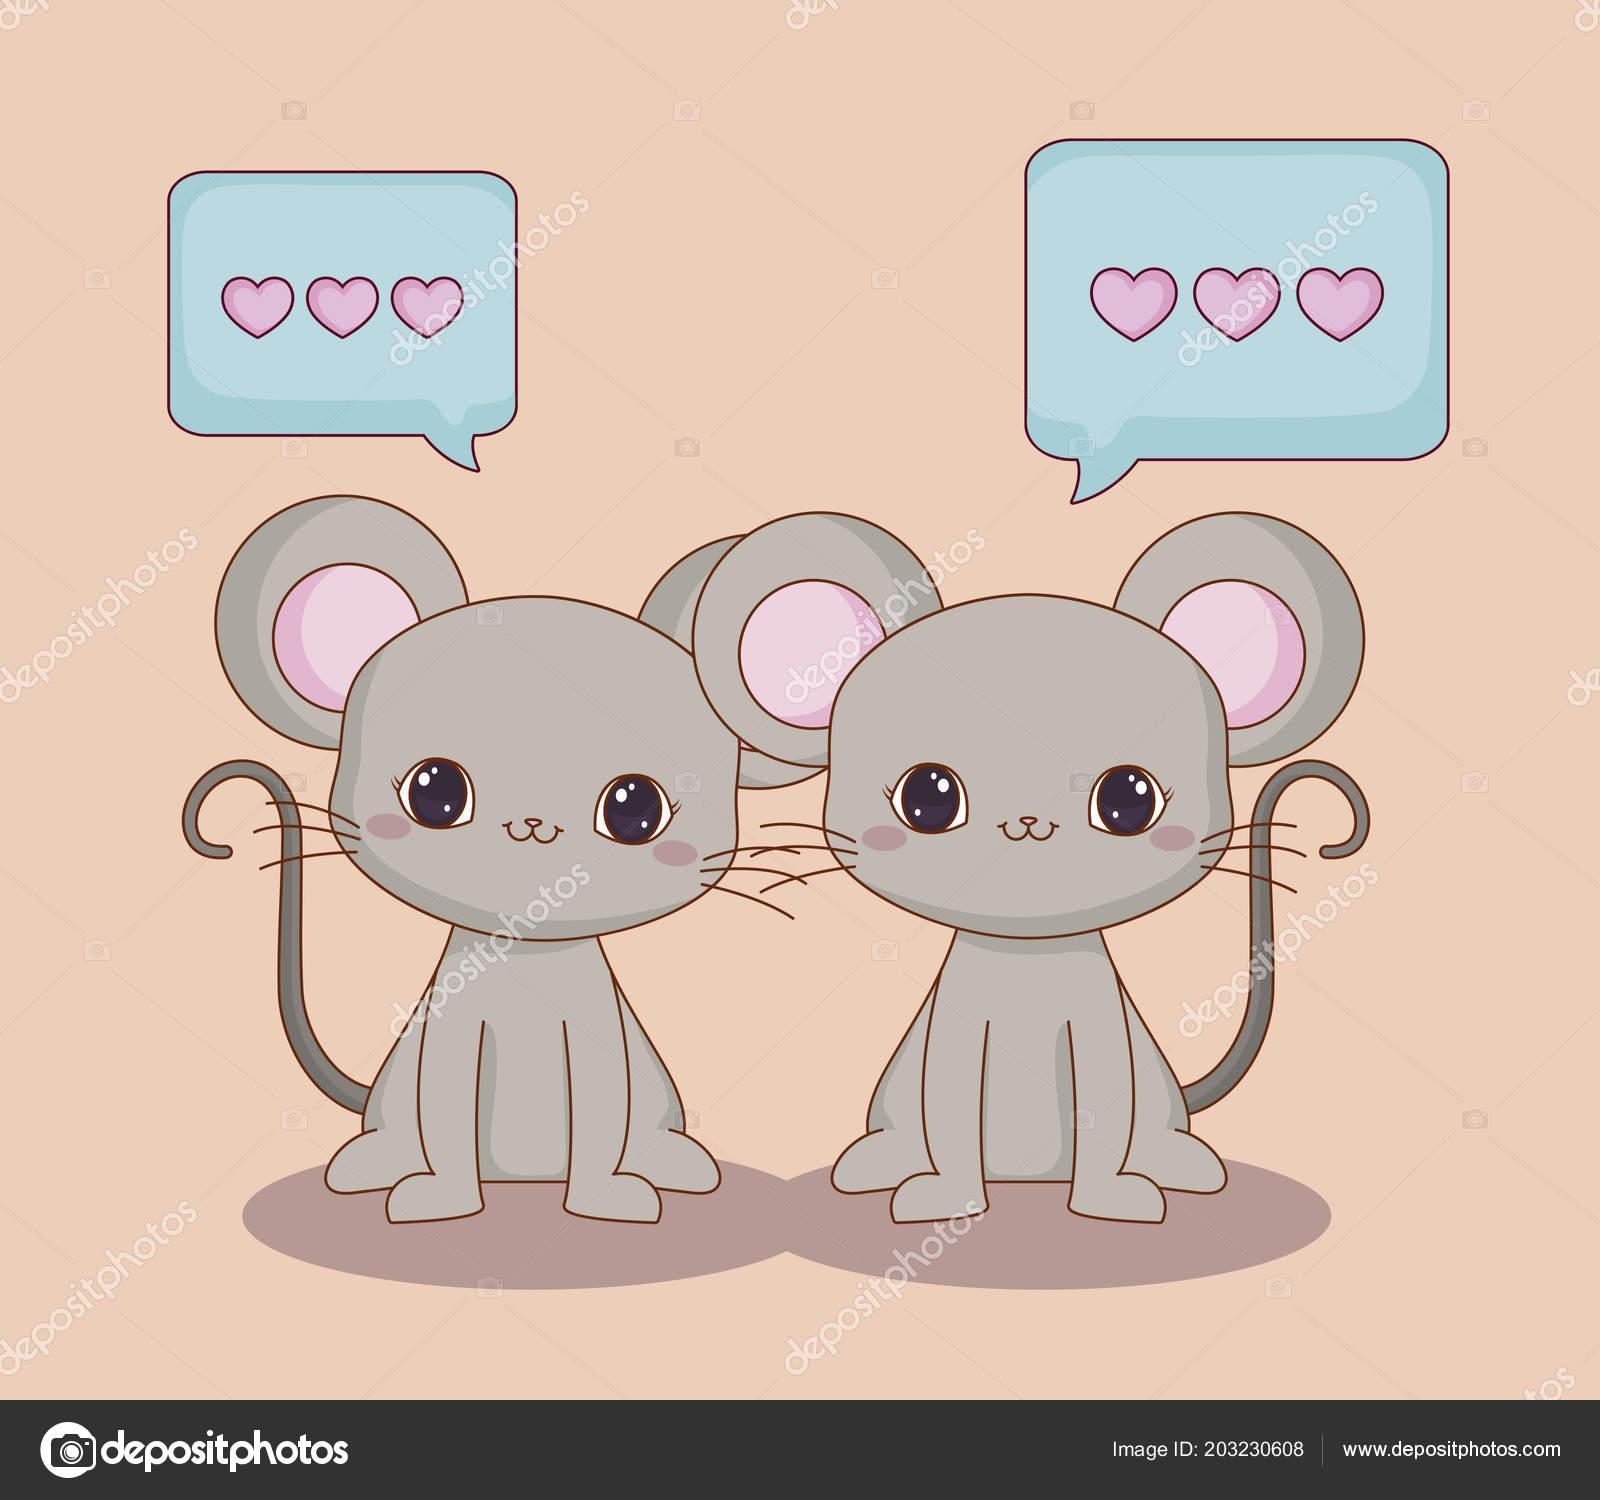 Kawaii Tiere Und Liebe Design Stockvektor Djv 203230608